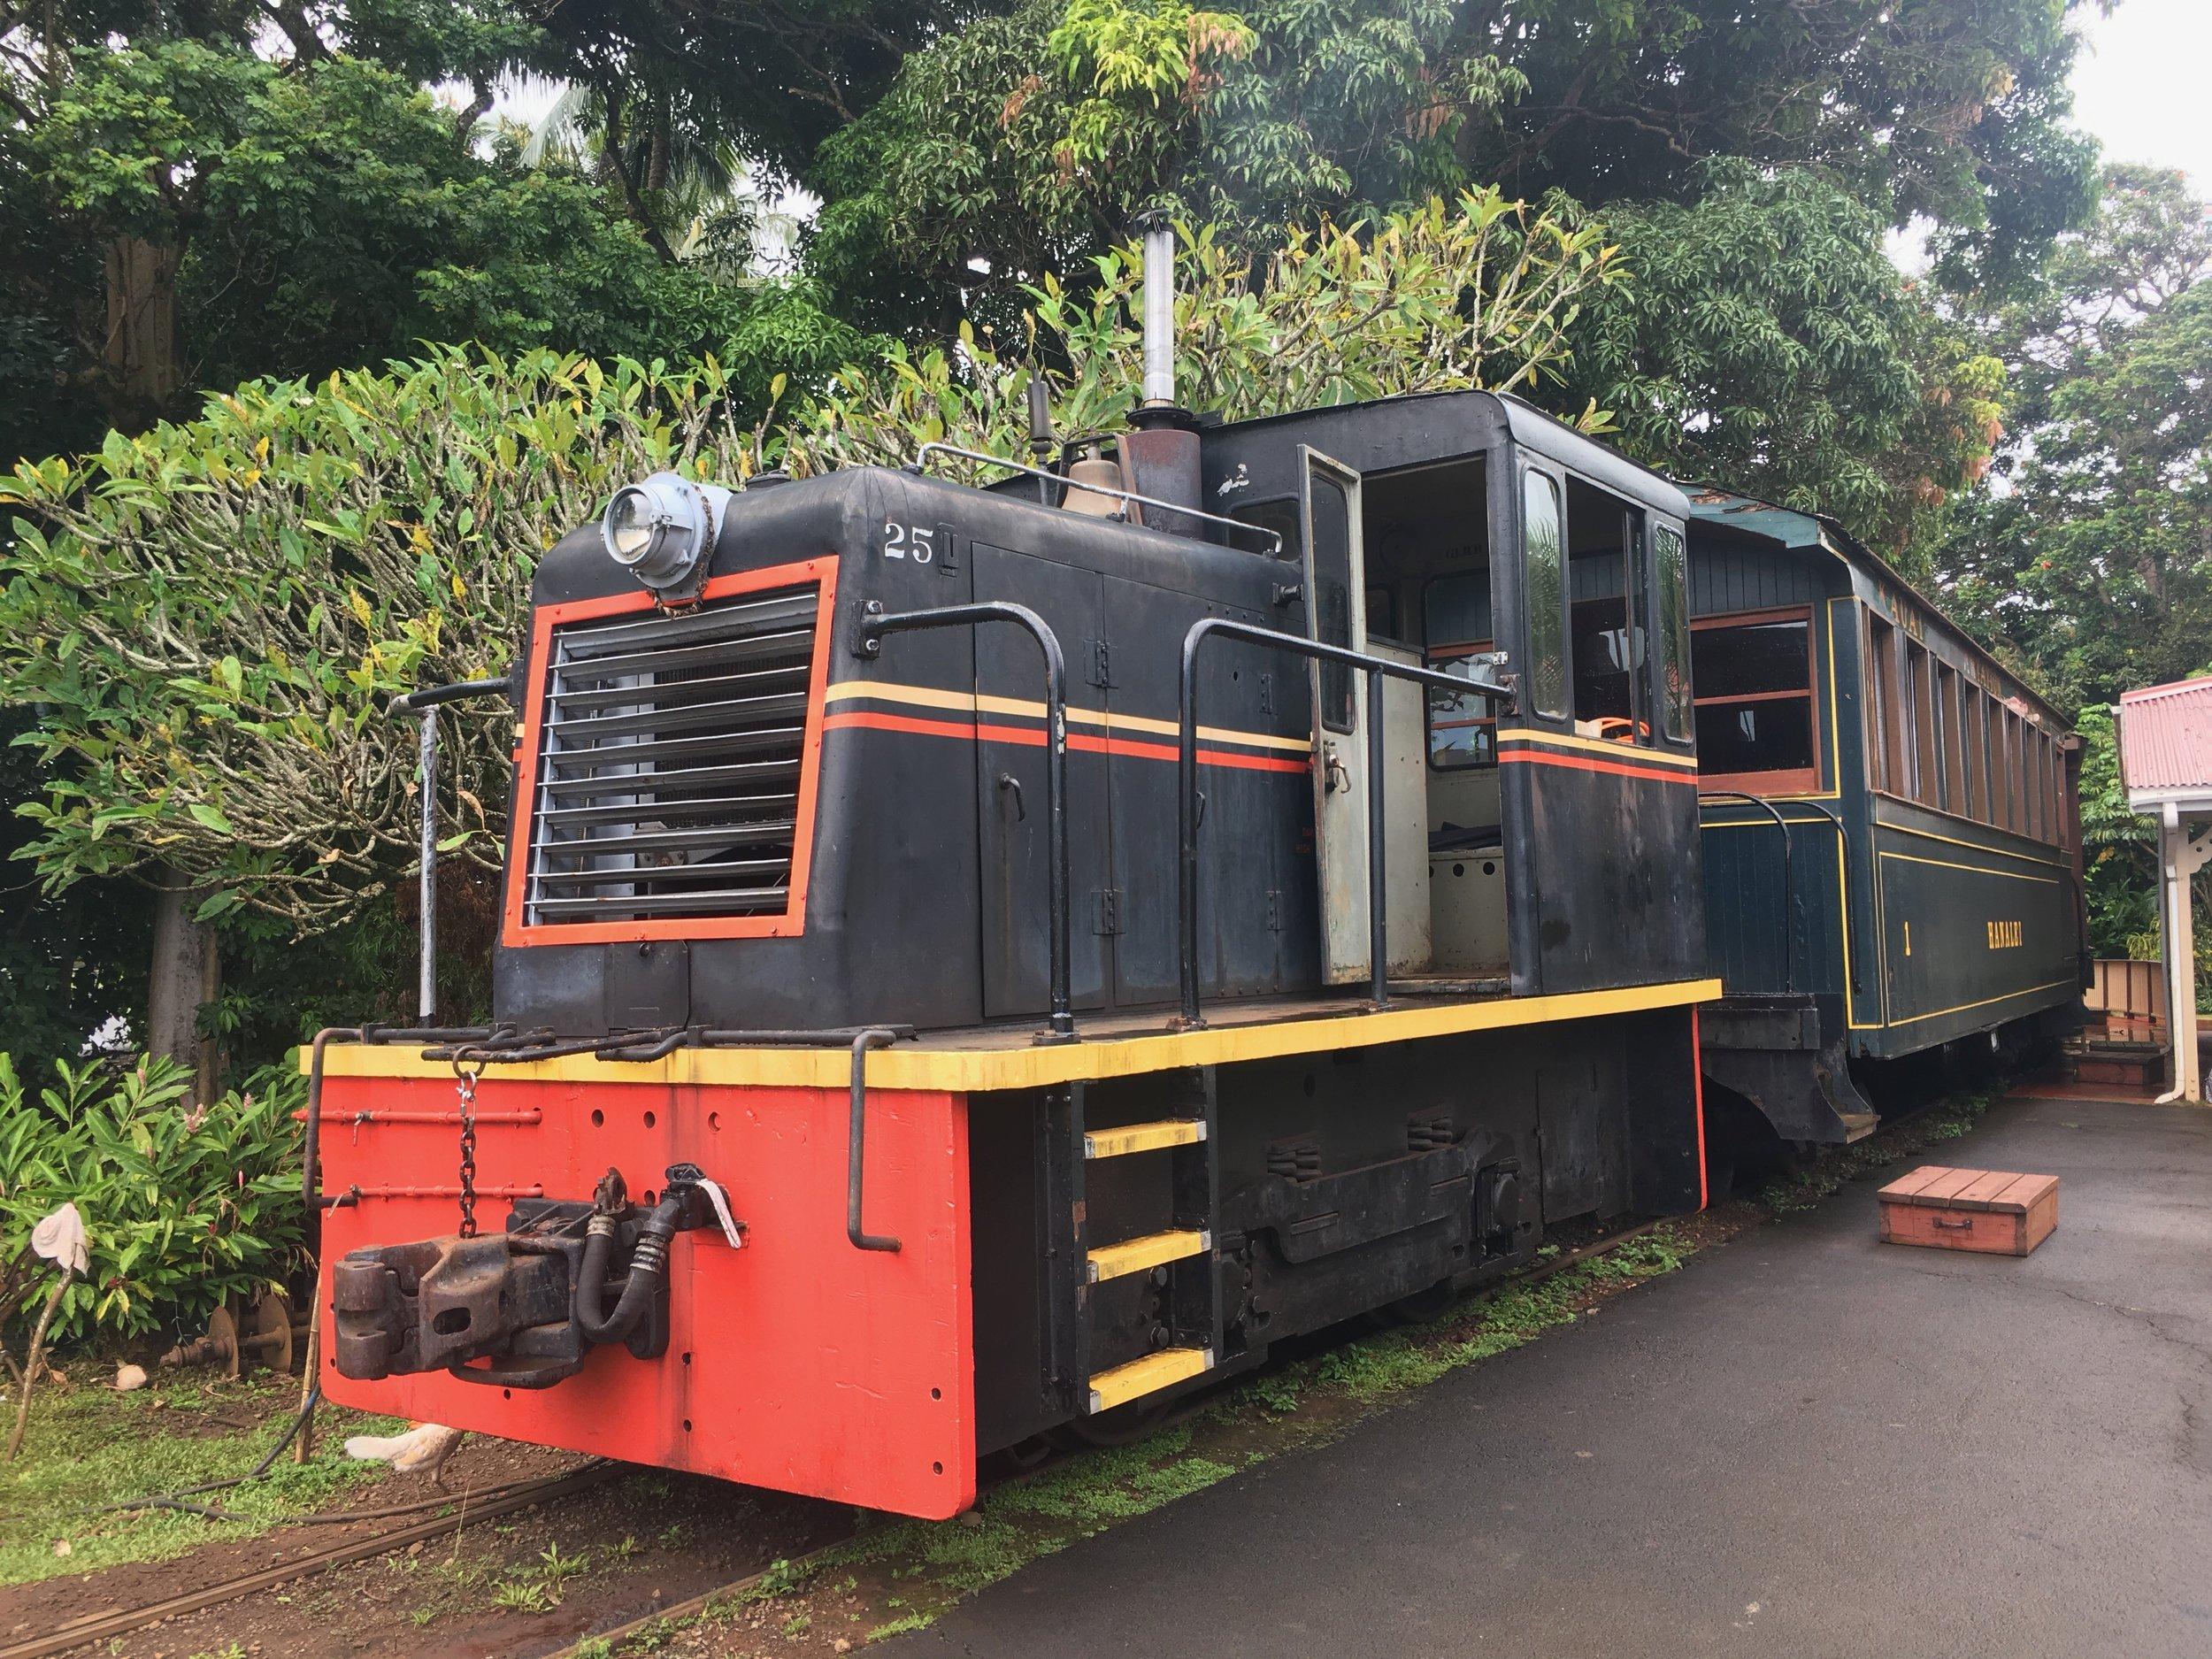 The Train Engine, Whoo Whoo!